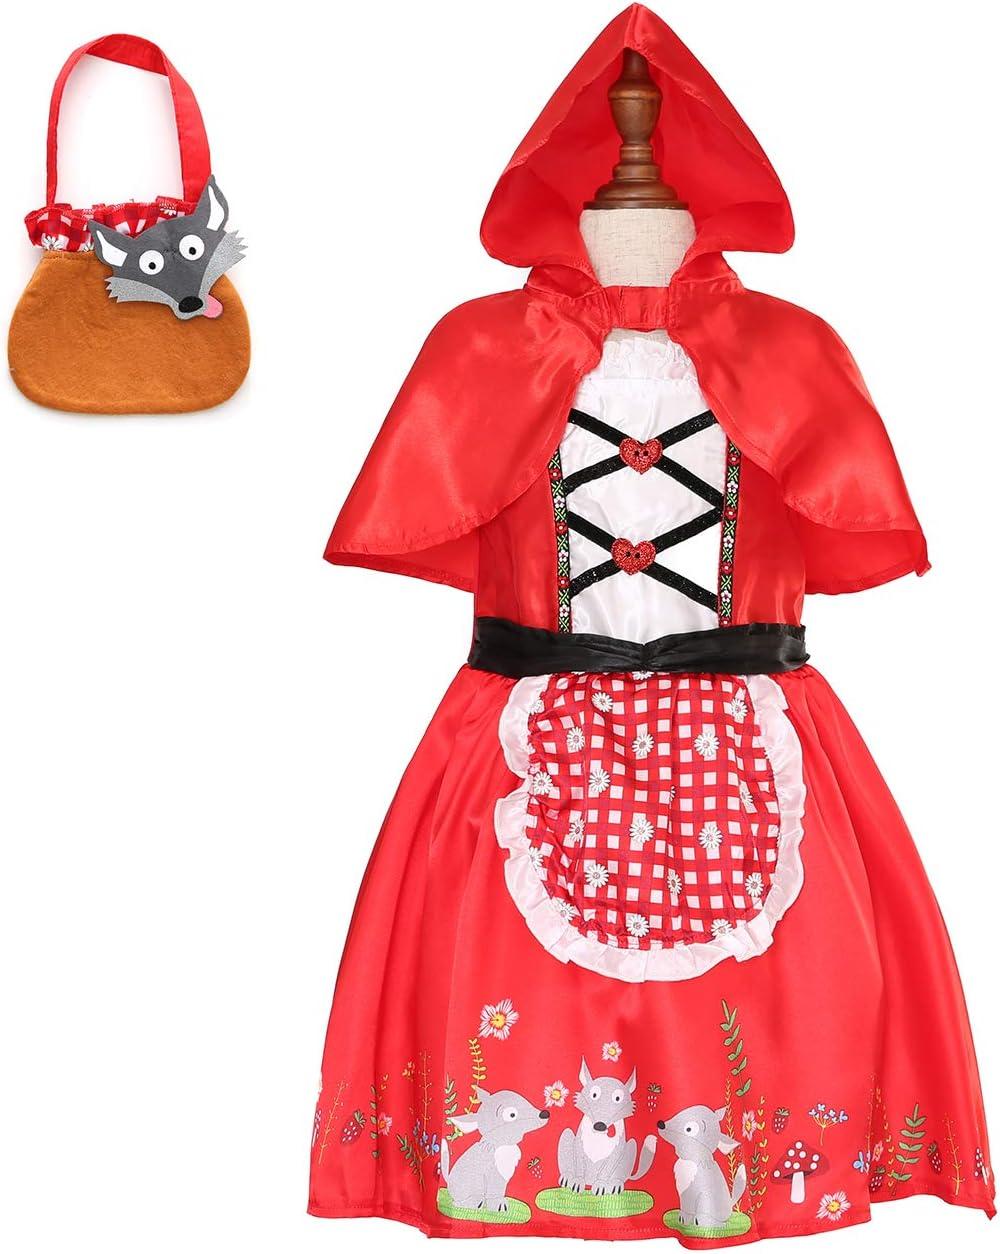 Sincere Party - Disfraz de Caperucita Roja con vestido con capa y ...